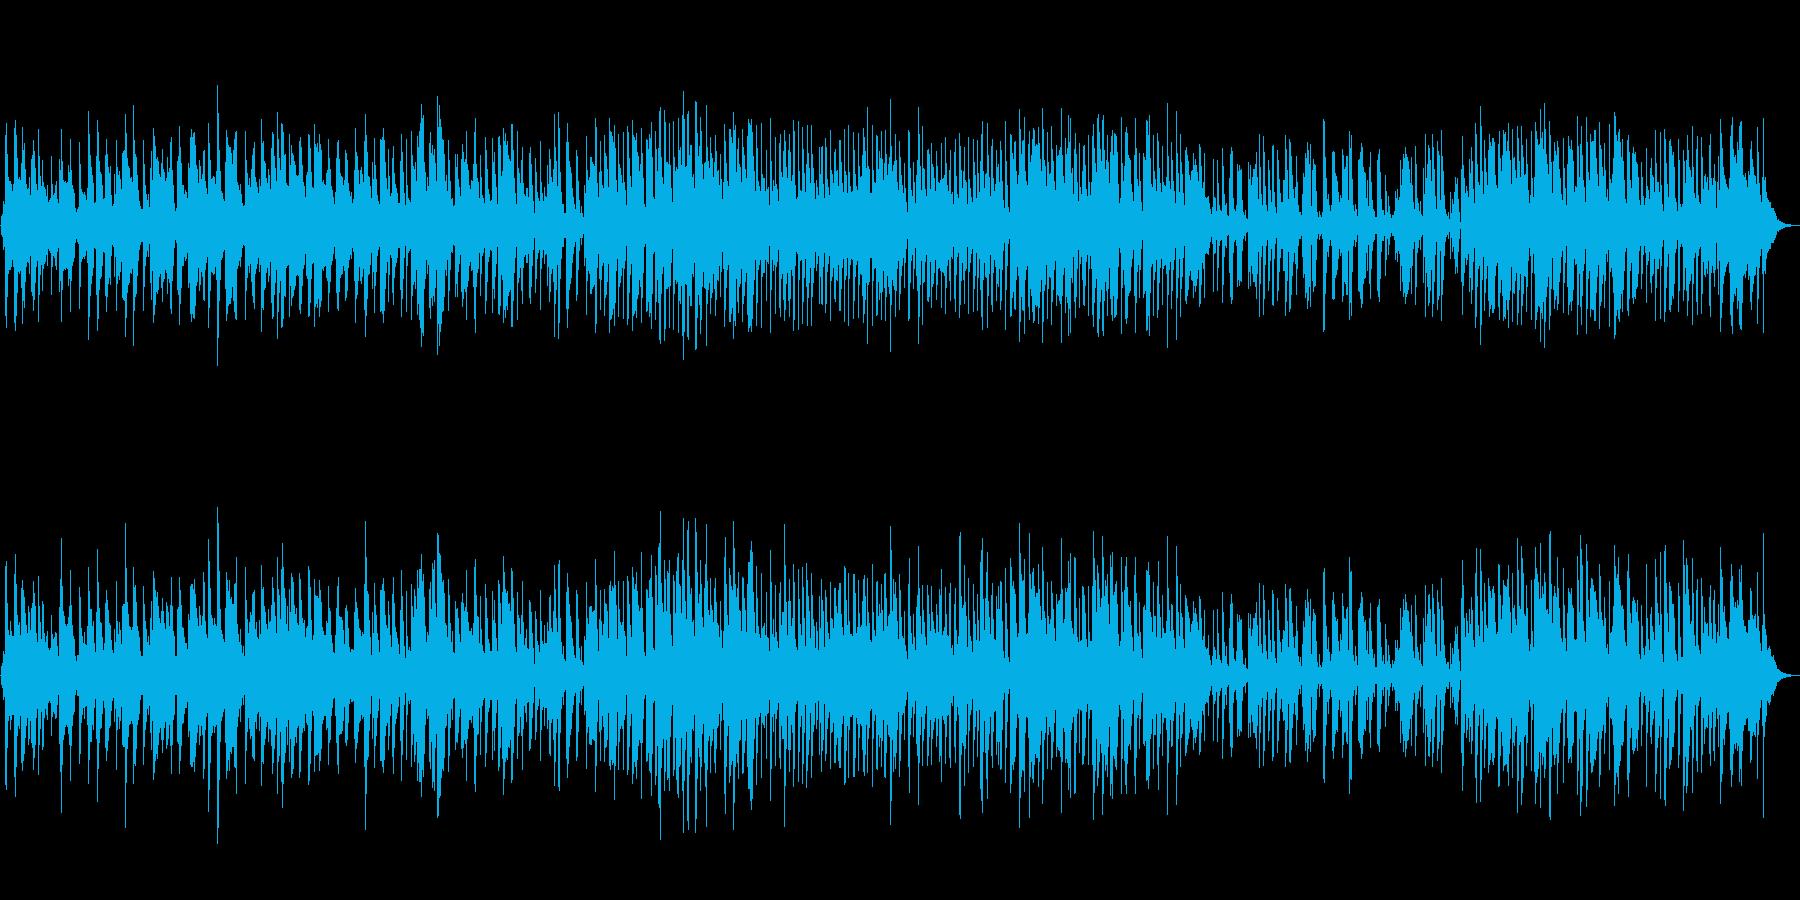 ヴァイオリンの旋律が美しいバラードの再生済みの波形